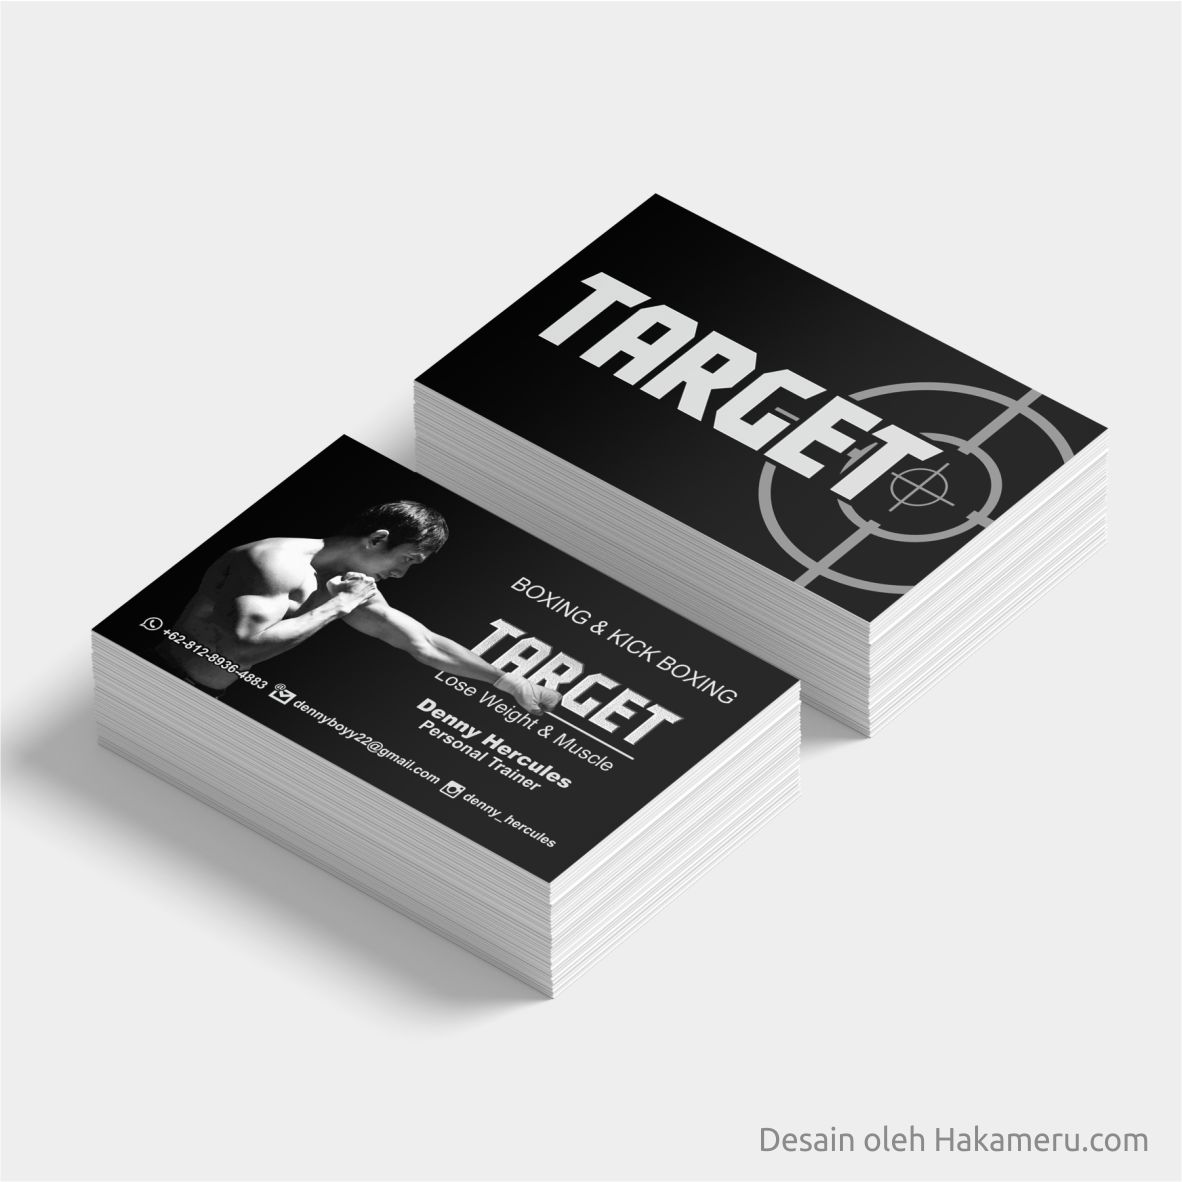 Desain Kartu Nama Untuk Personal Trainer - Jasa desain grafis online Hakameru